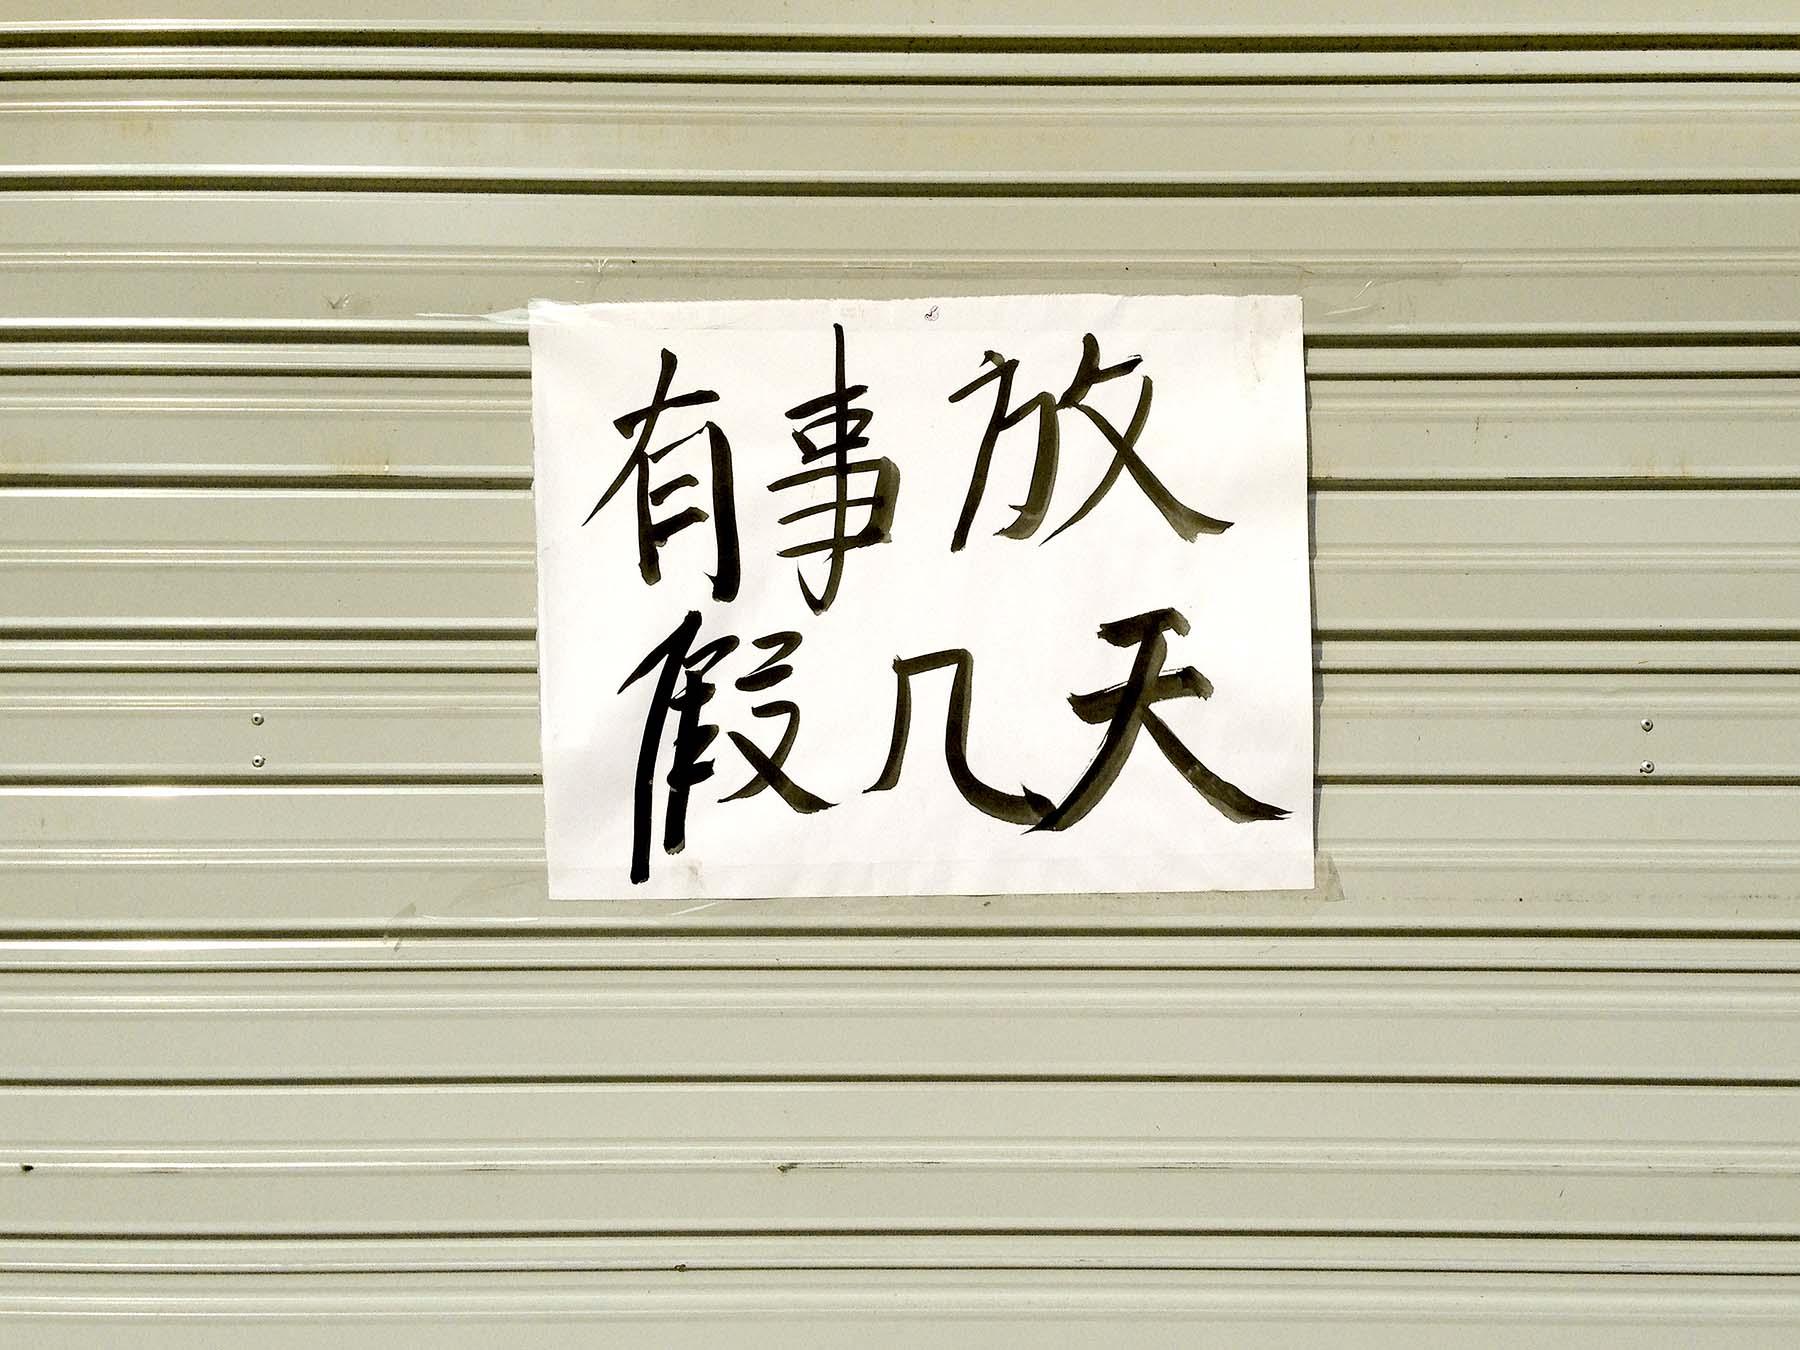 China 18 Jianping He lo